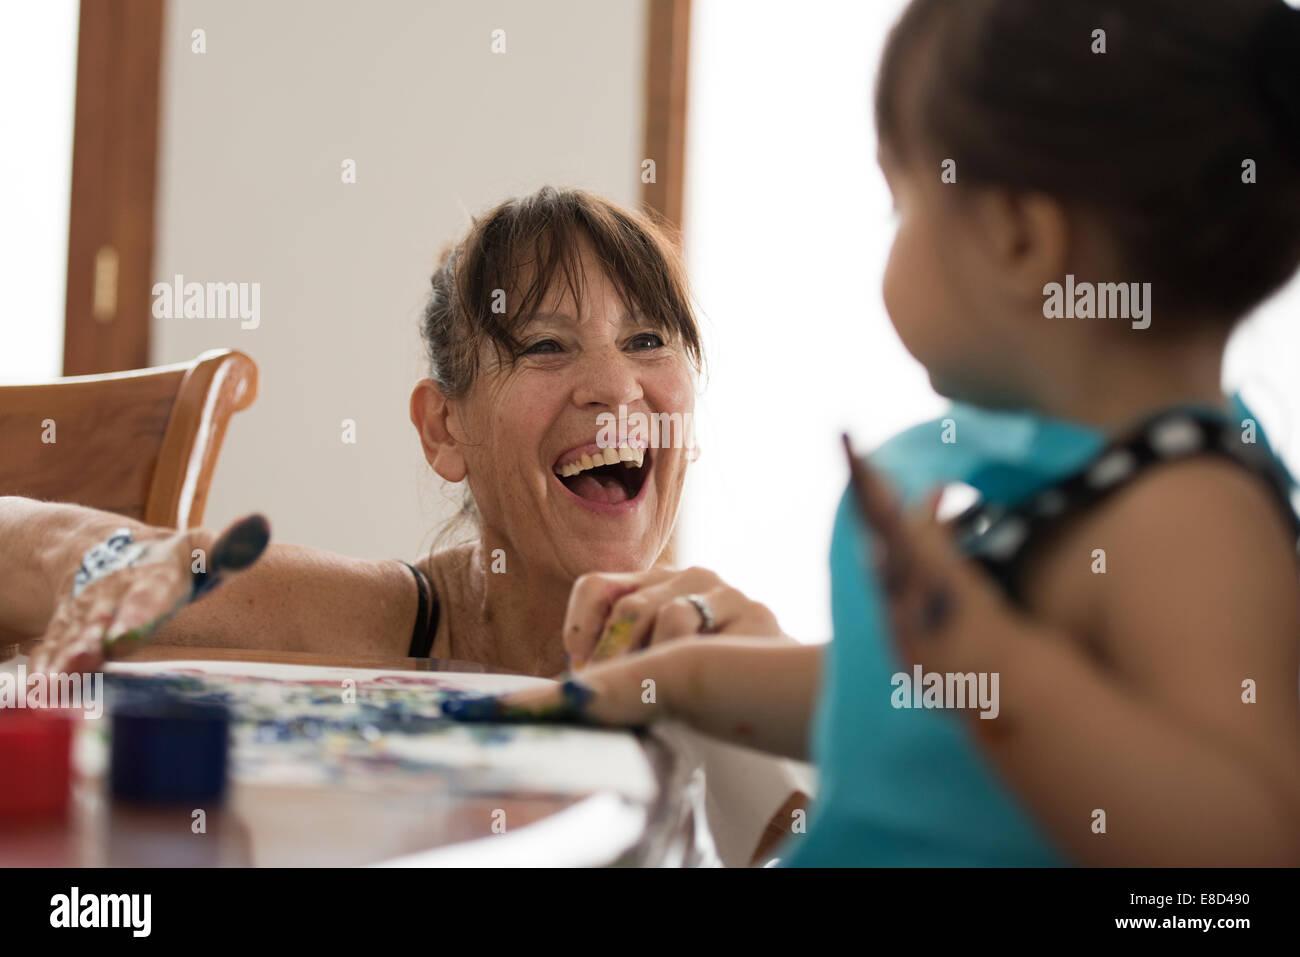 Abuela pintar con los dedos, con nieto Imagen De Stock